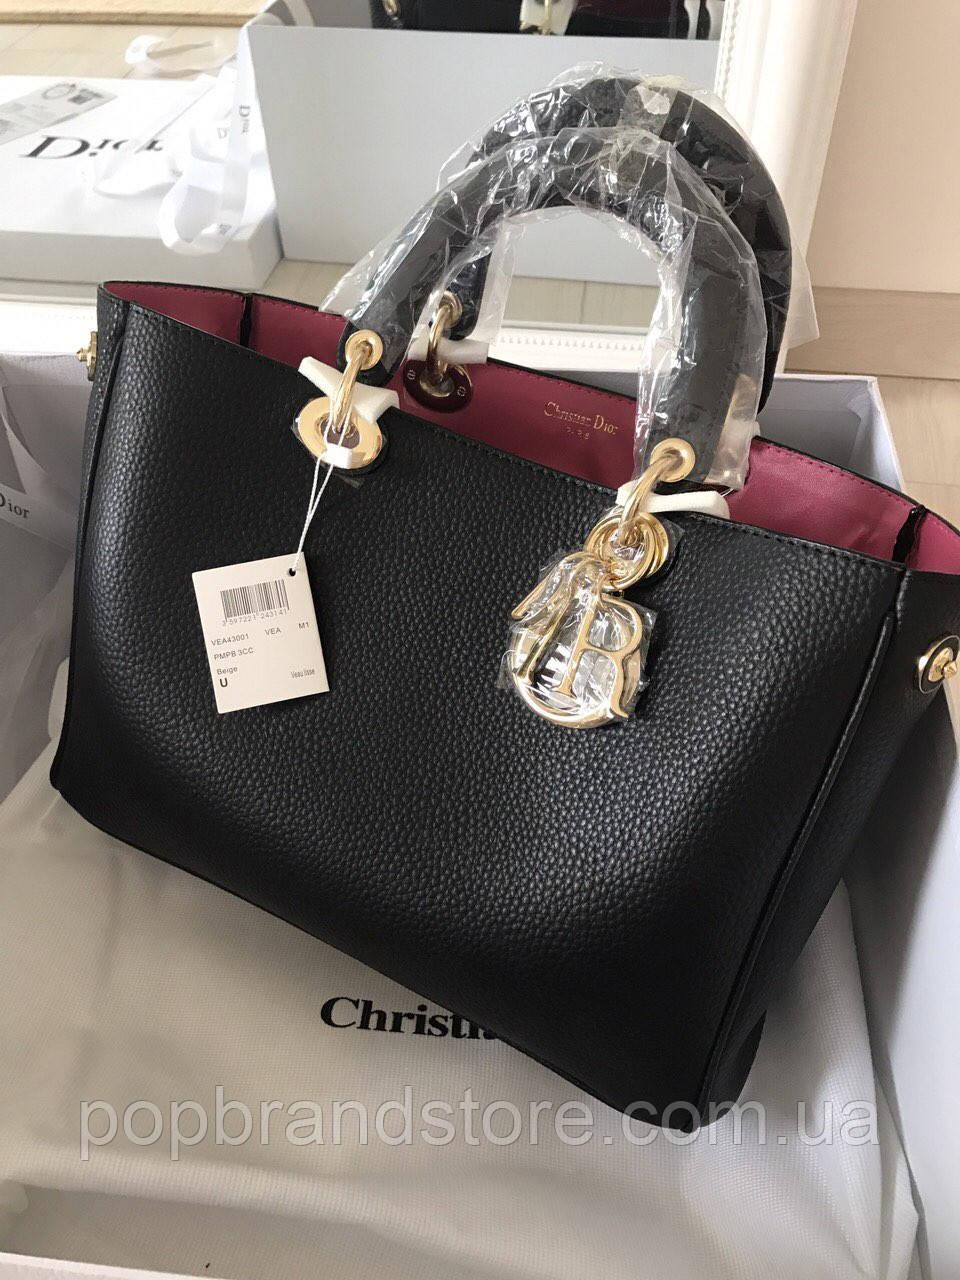 Женская кожаная сумка DIOR Diorissimo (реплика)  продажа, цена в ... 80808d946e0